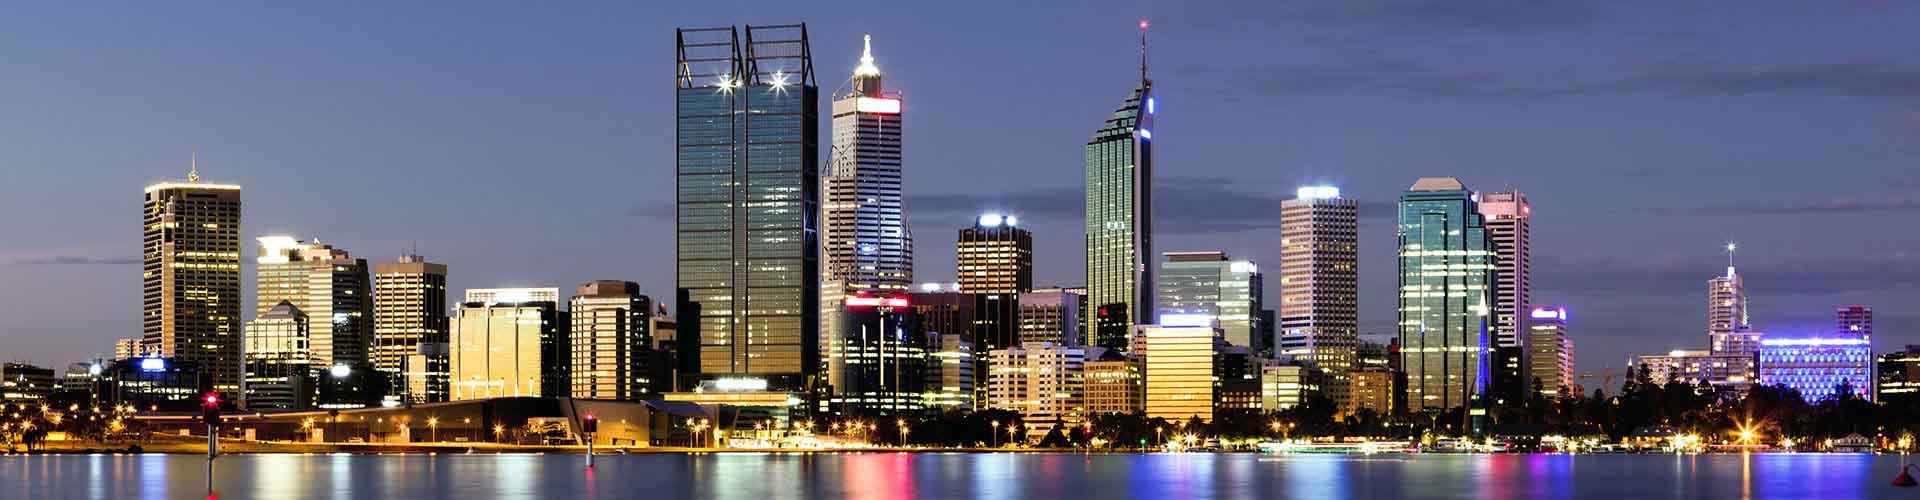 Perth – Retkeily kaupungiosassa Highgate. Perth -karttoja, valokuvia ja arvosteluja kaikista Perth -retkeilyalueista.